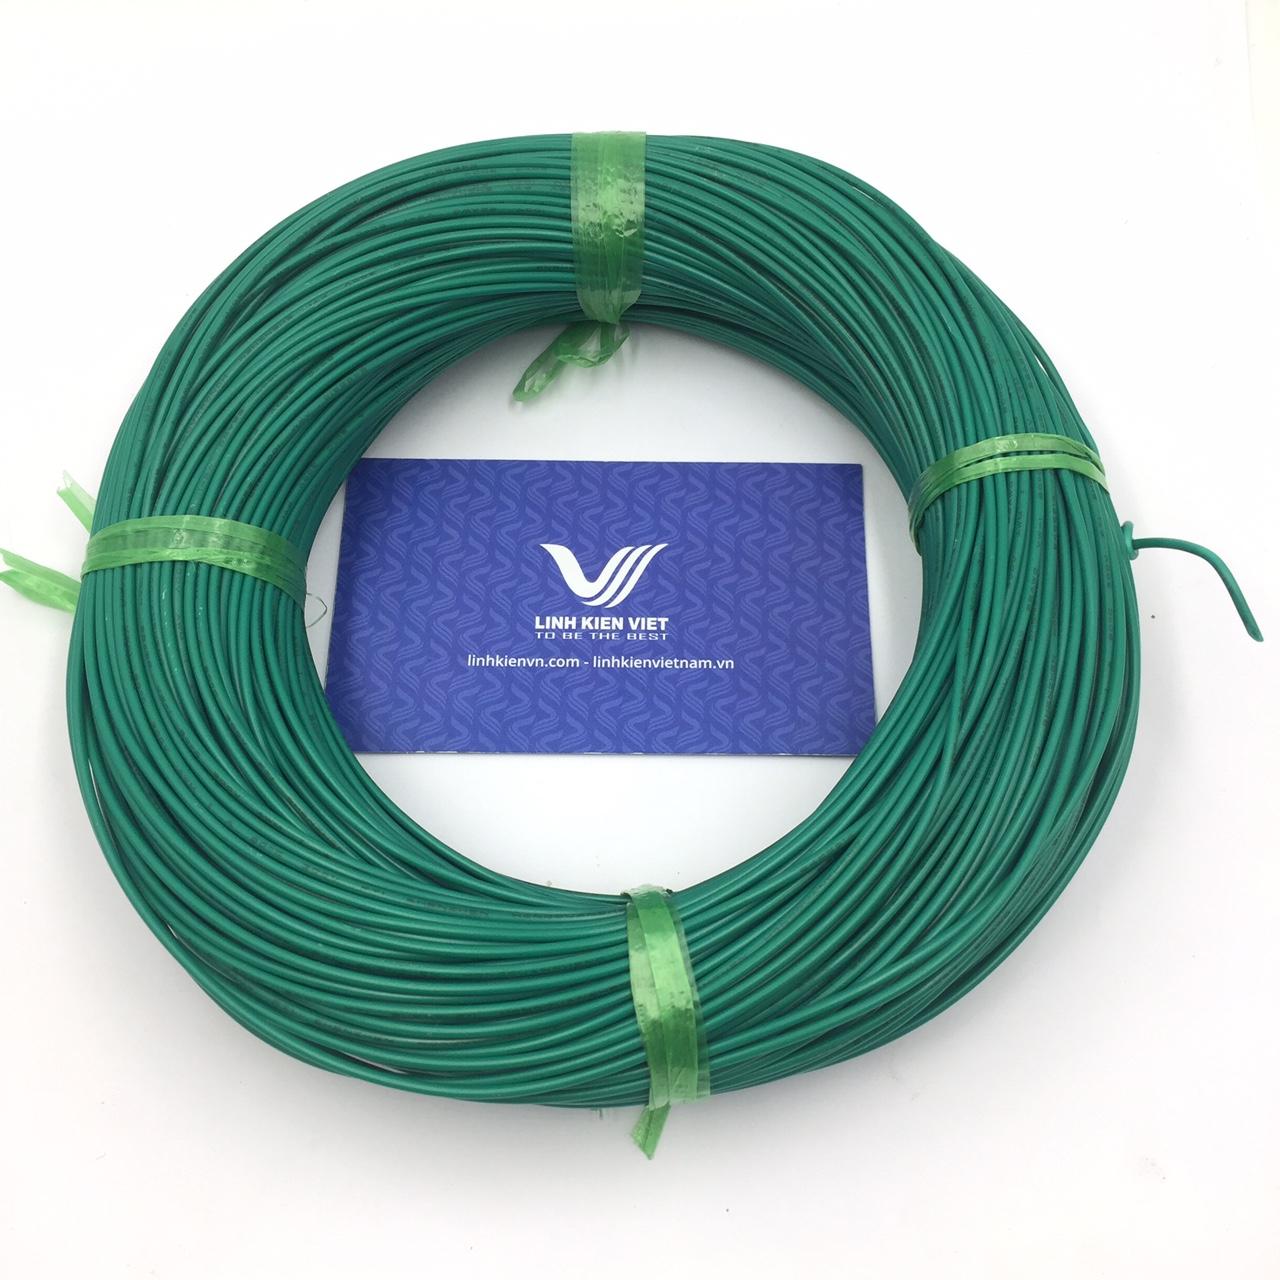 Cuộn dây điện 100m UL 1007 22AWG - màu xanh lục